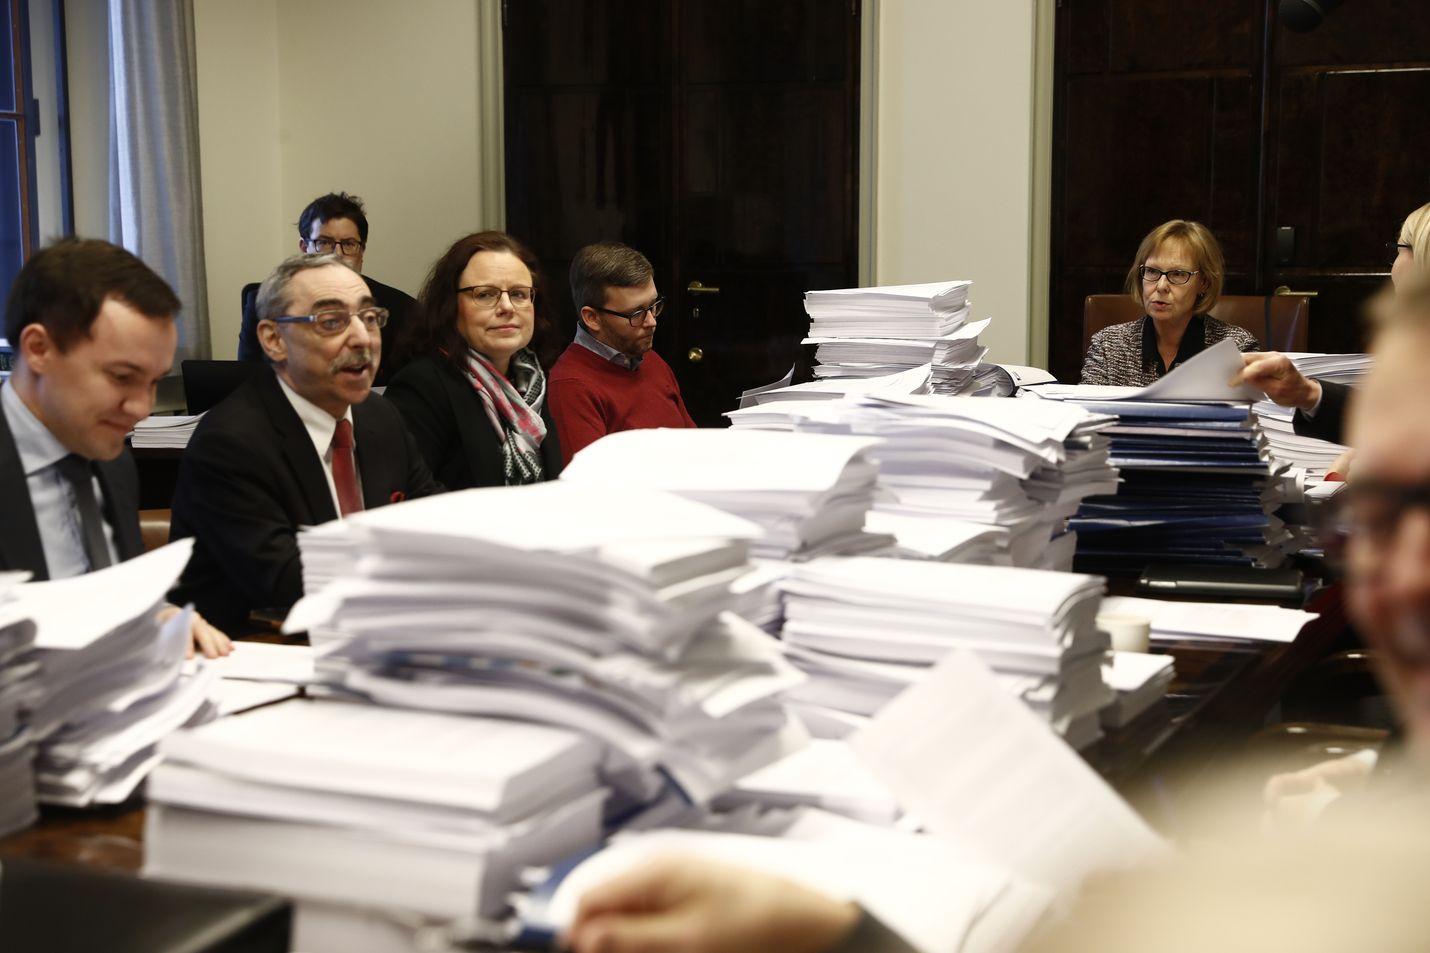 Valtavat paperipinot peittivät perustuslakivaliokunnan kokouspöytää maanantaina, kun valiokunta alkoi käsitellä sote-uudistusta koskevaa lausuntoaan.